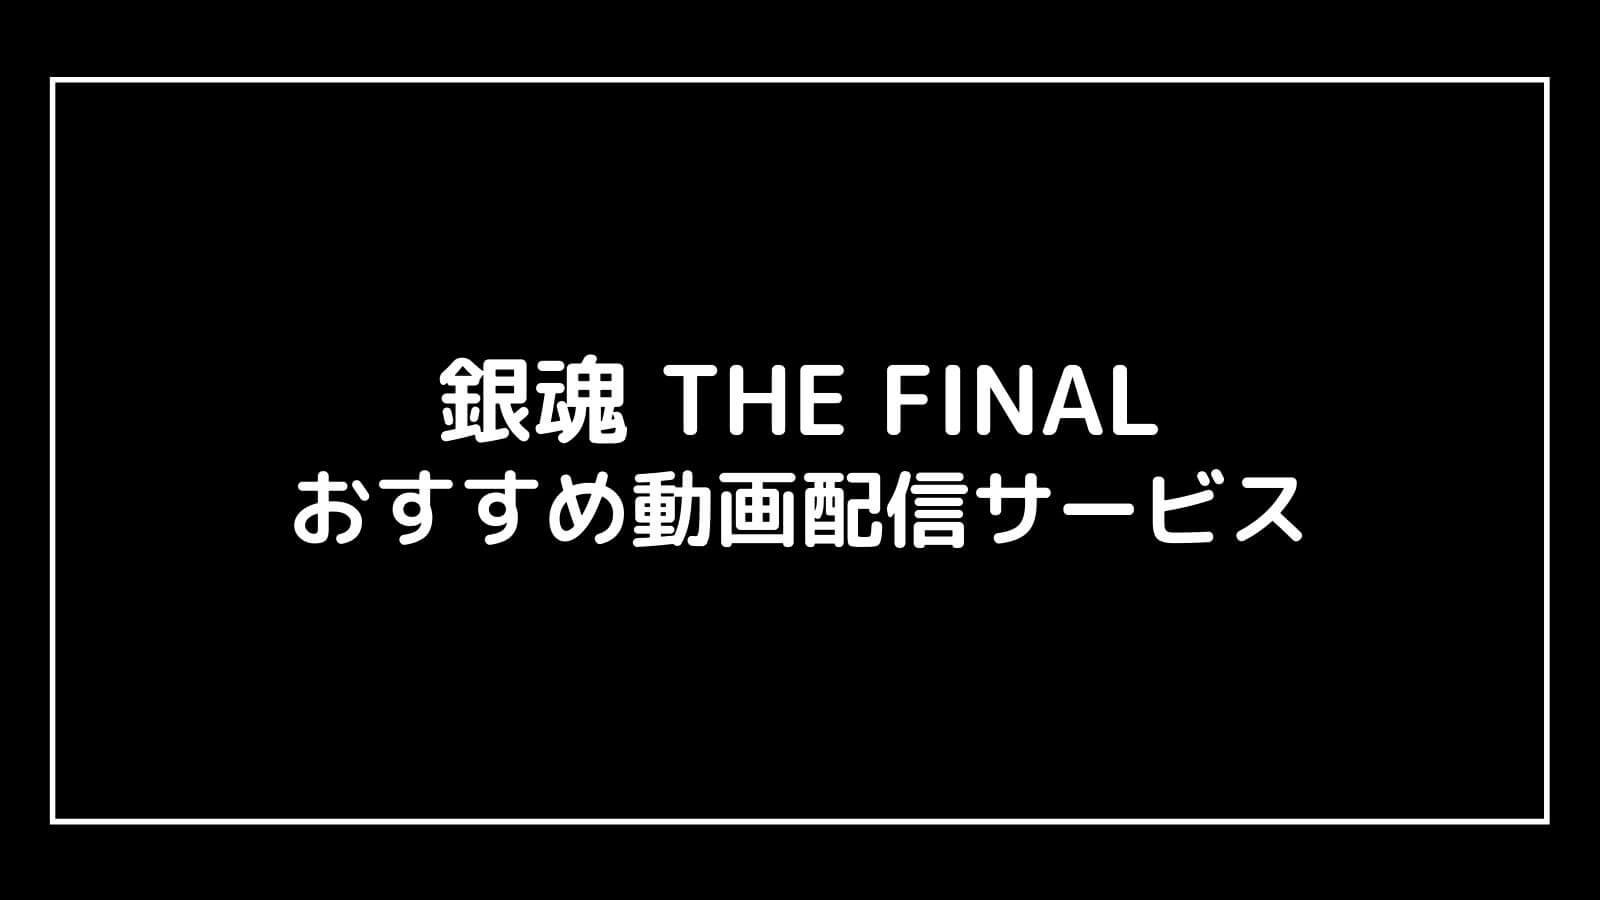 『銀魂 THE FINAL』アニメ映画版の無料動画配信をフル視聴する方法